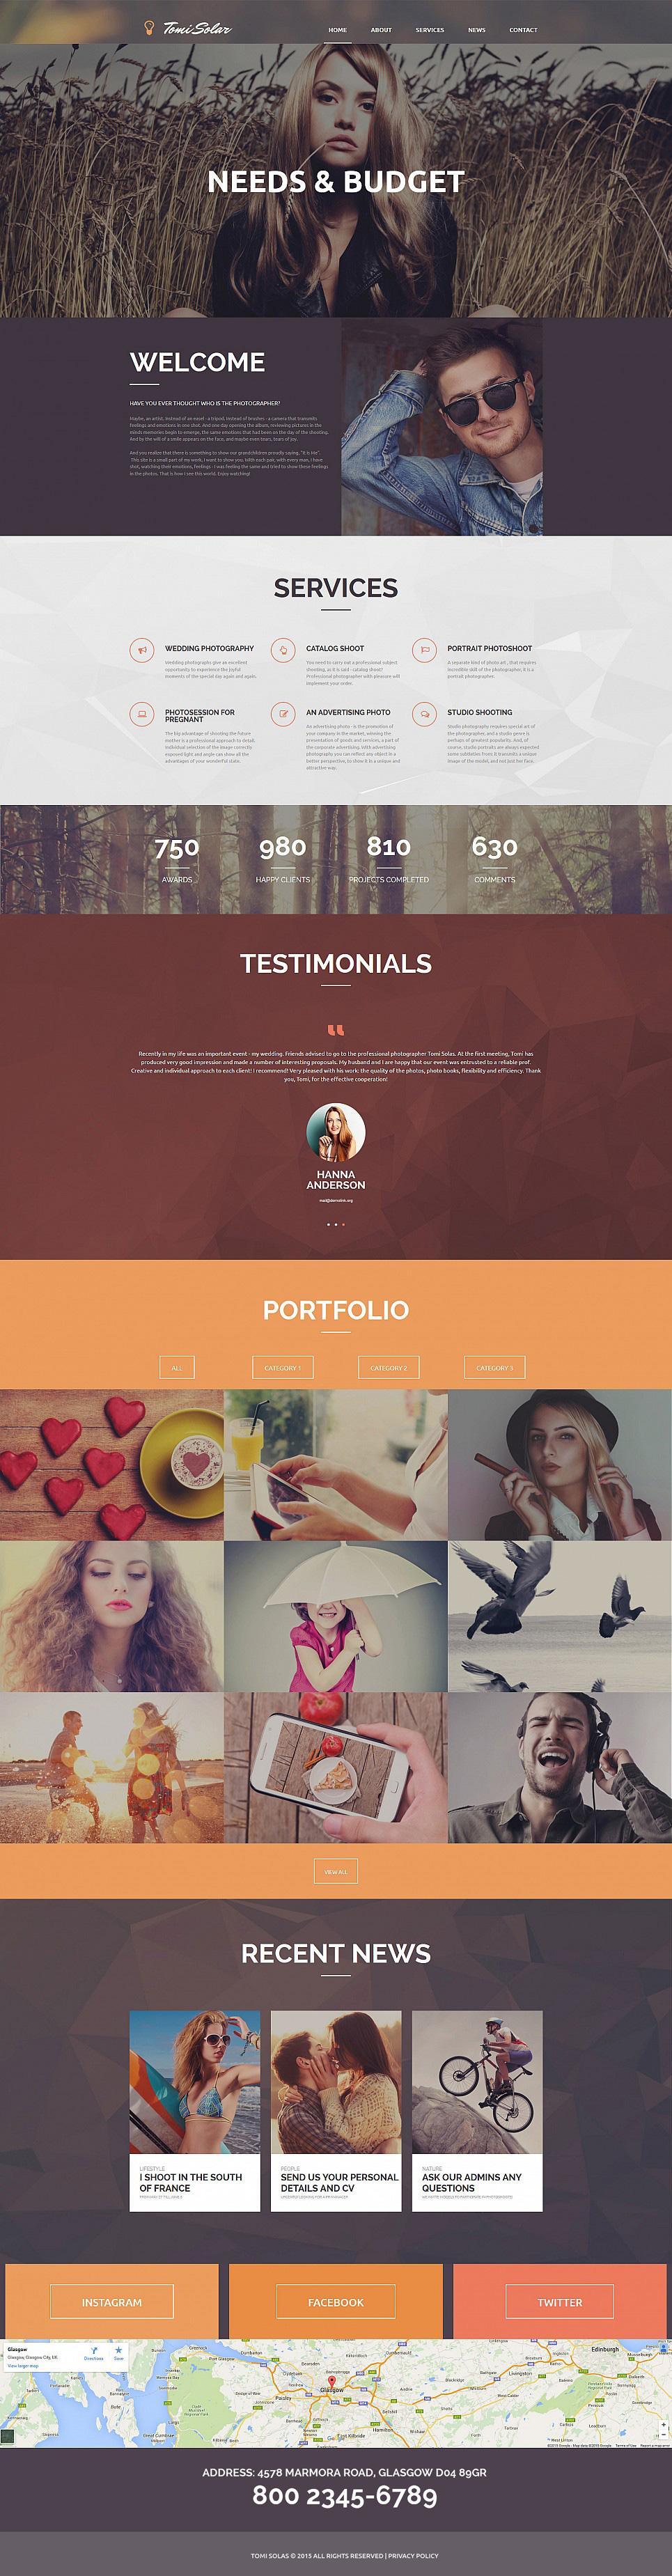 Шаблон для сайта-визитки фешн-фотографа - image